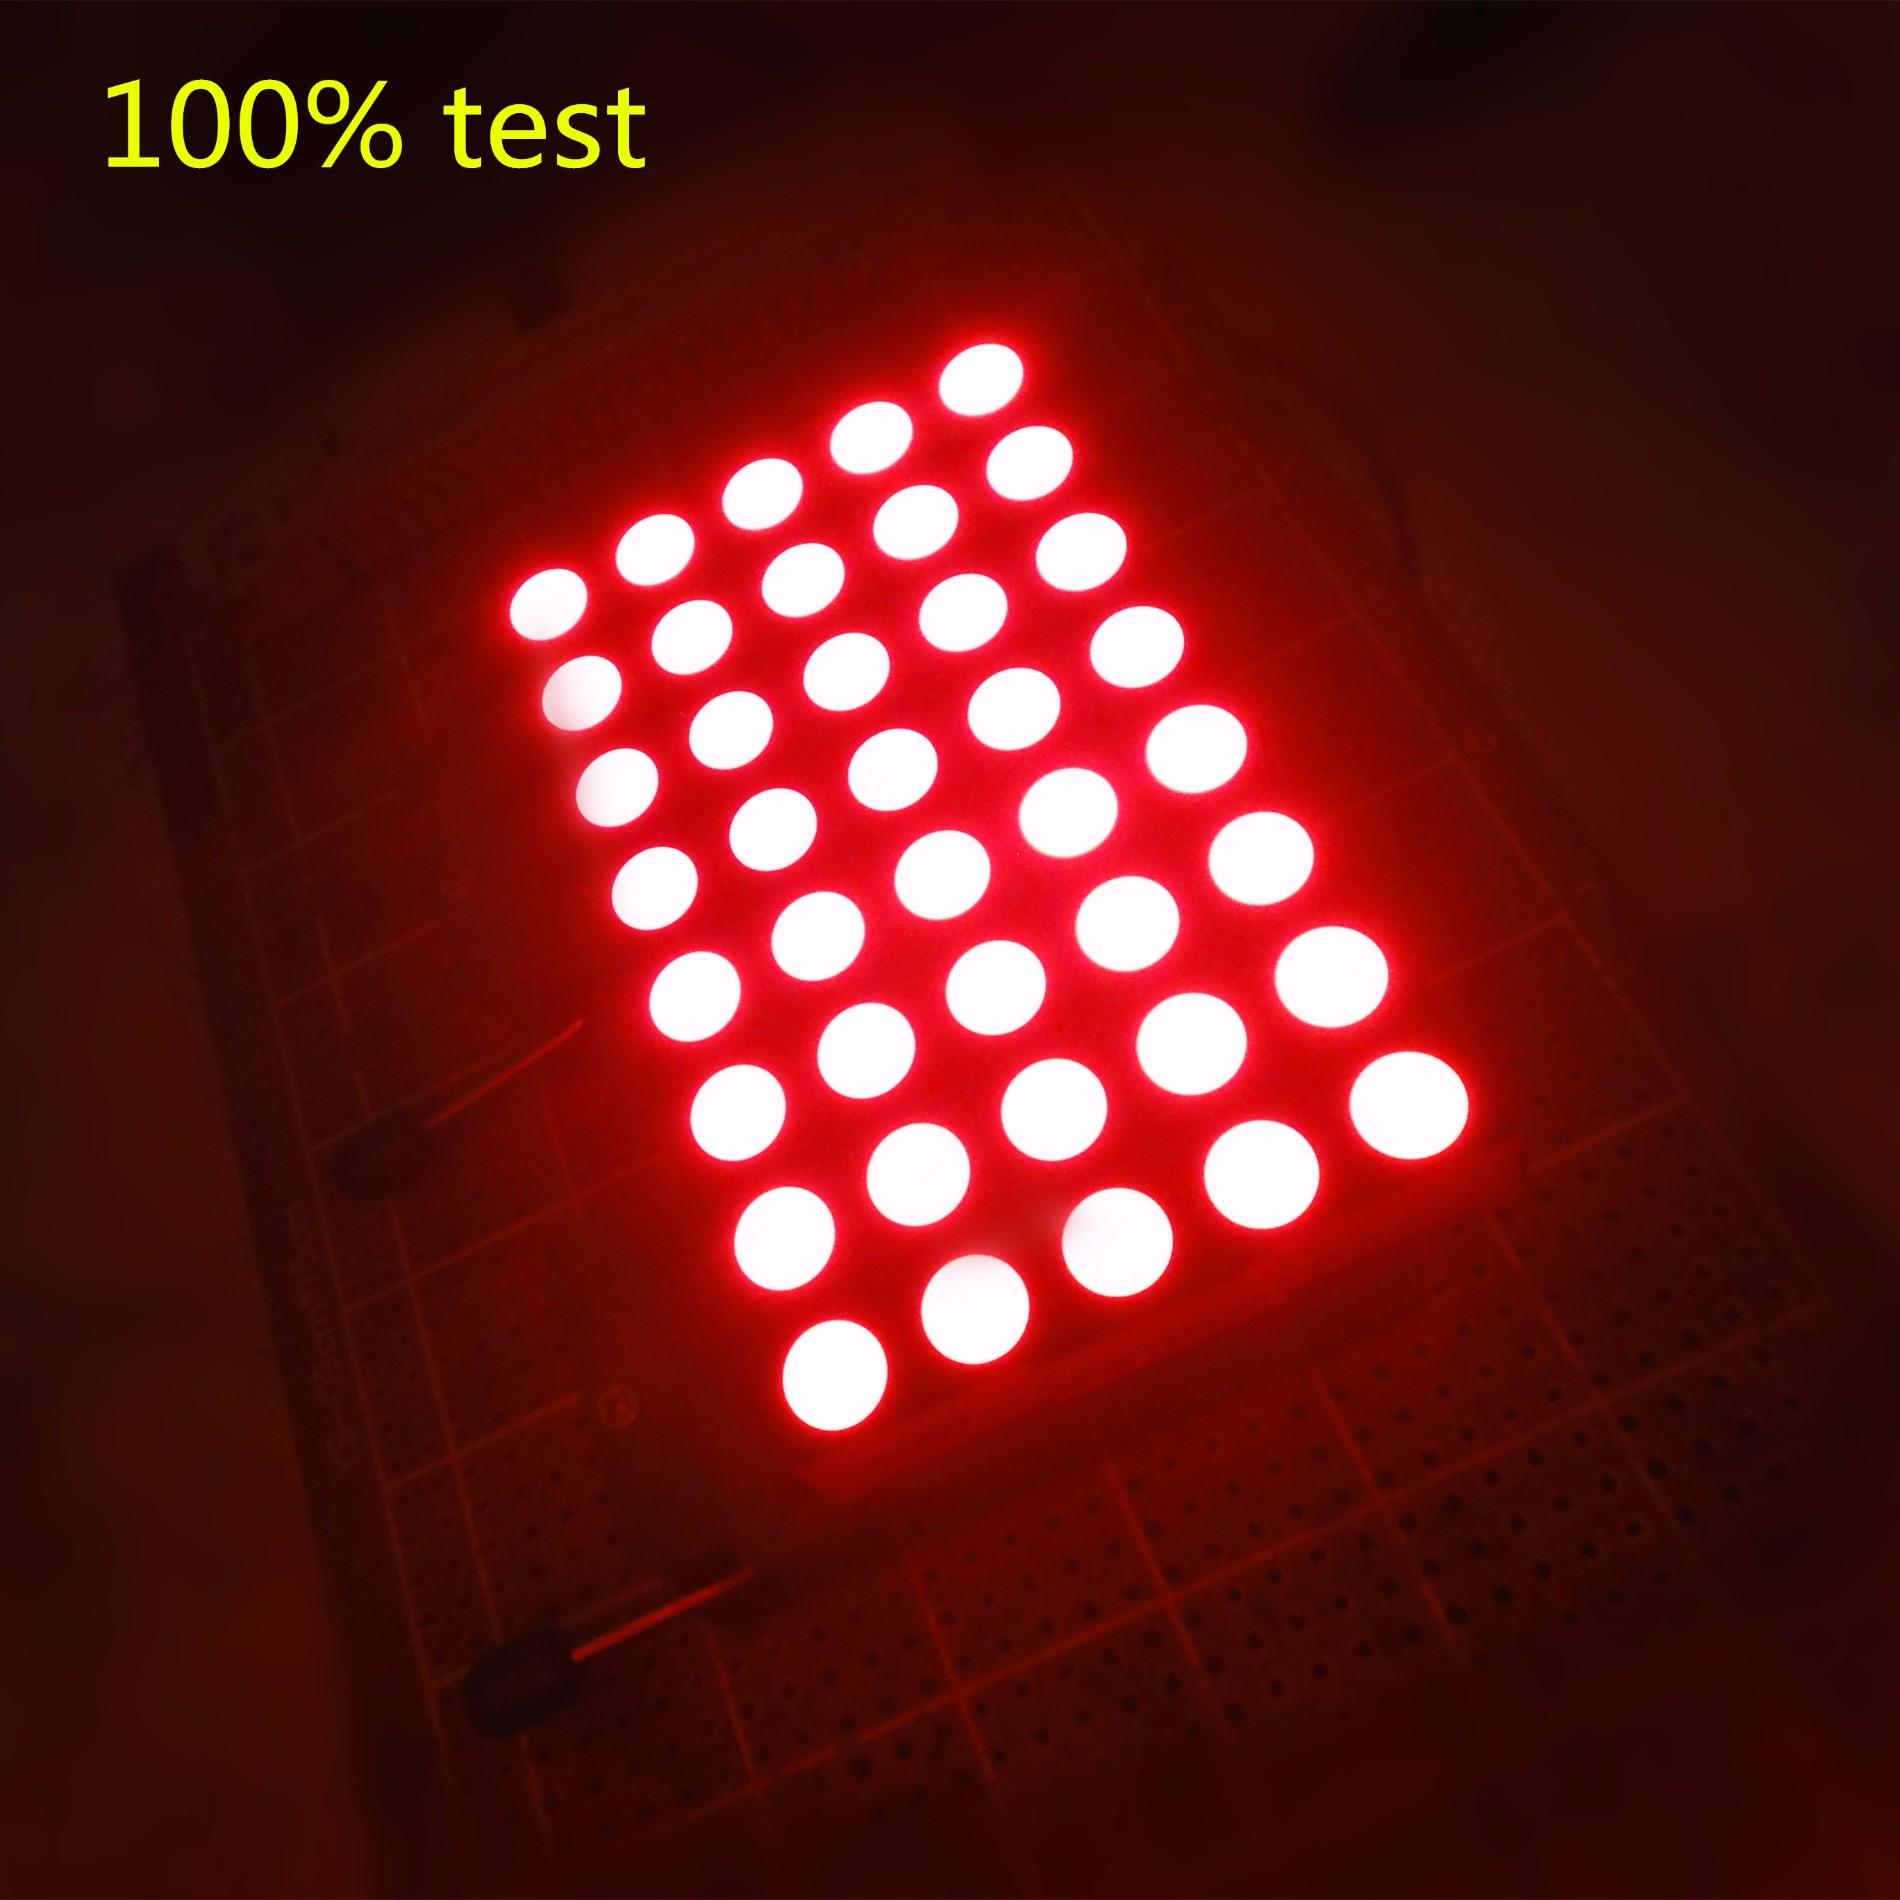 купить 5x8 матричный светодиодный дисплей,5x8 матричный светодиодный дисплей цена,5x8 матричный светодиодный дисплей бренды,5x8 матричный светодиодный дисплей производитель;5x8 матричный светодиодный дисплей Цитаты;5x8 матричный светодиодный дисплей компания